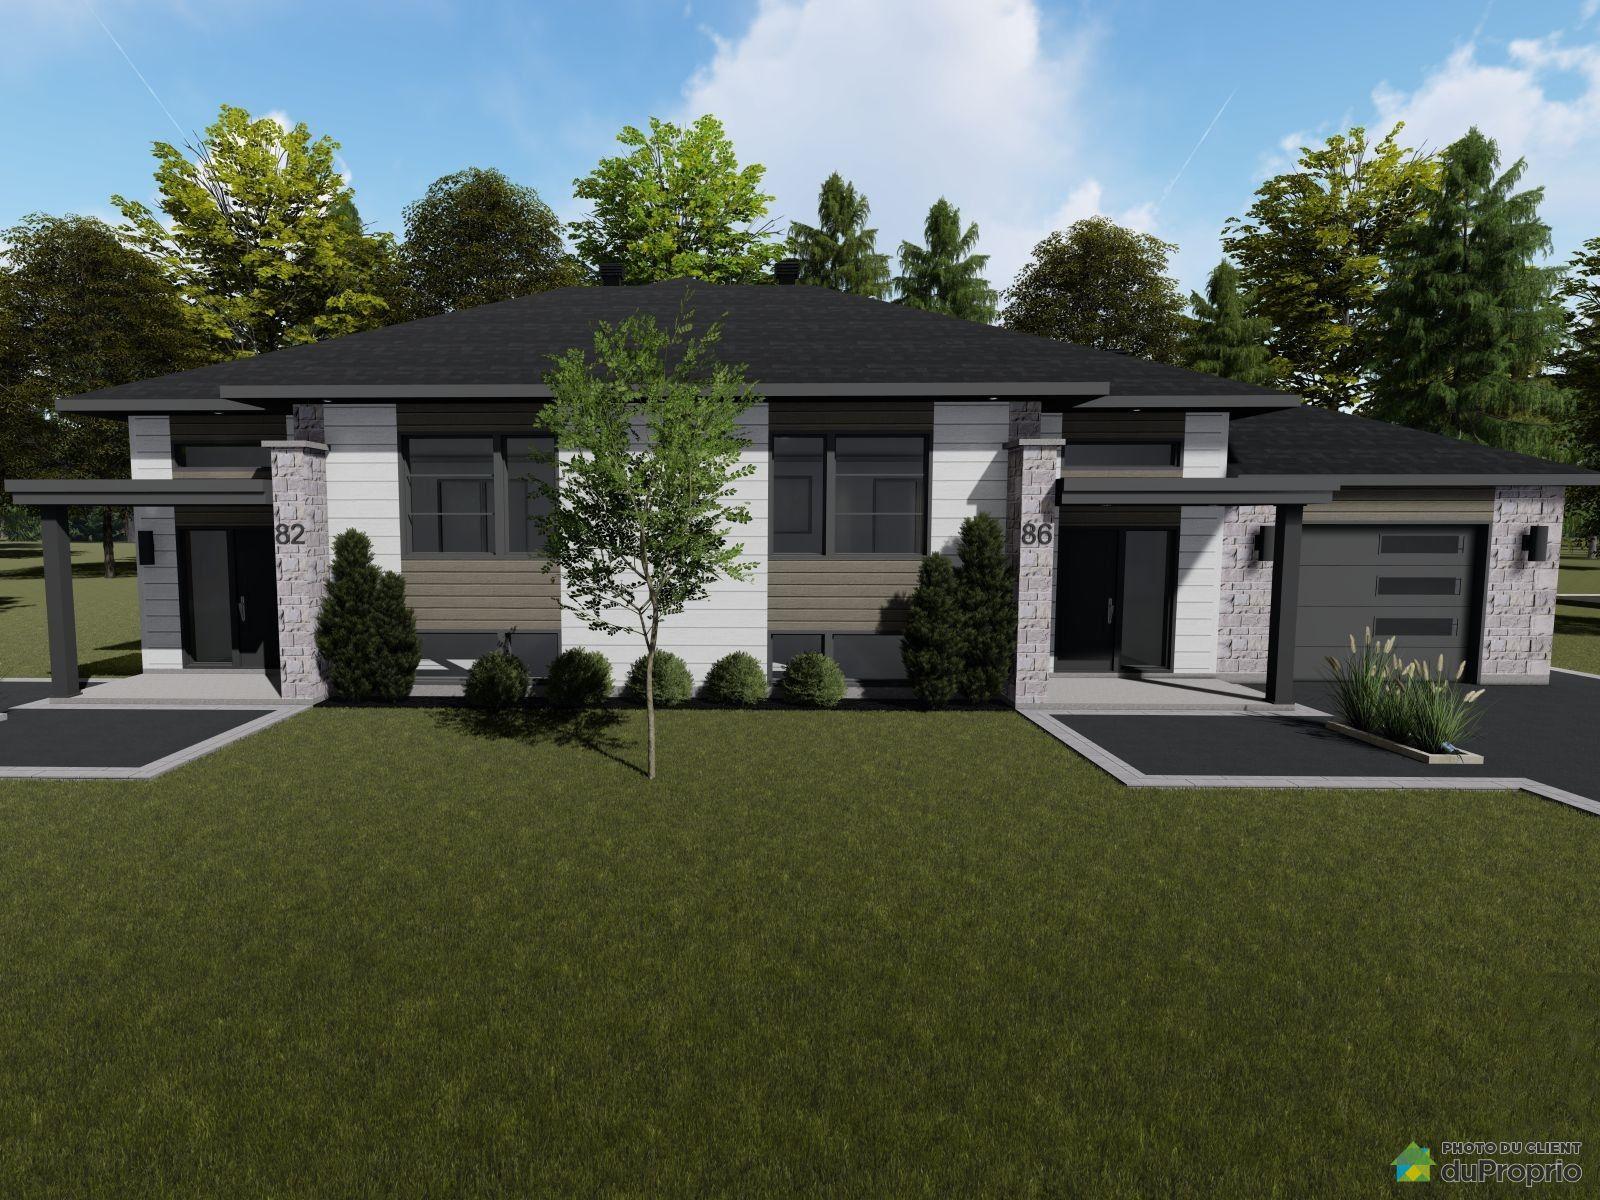 60-66, rue de la Manufacture - À construire - Par Construction Thibodeau, Victoriaville à vendre